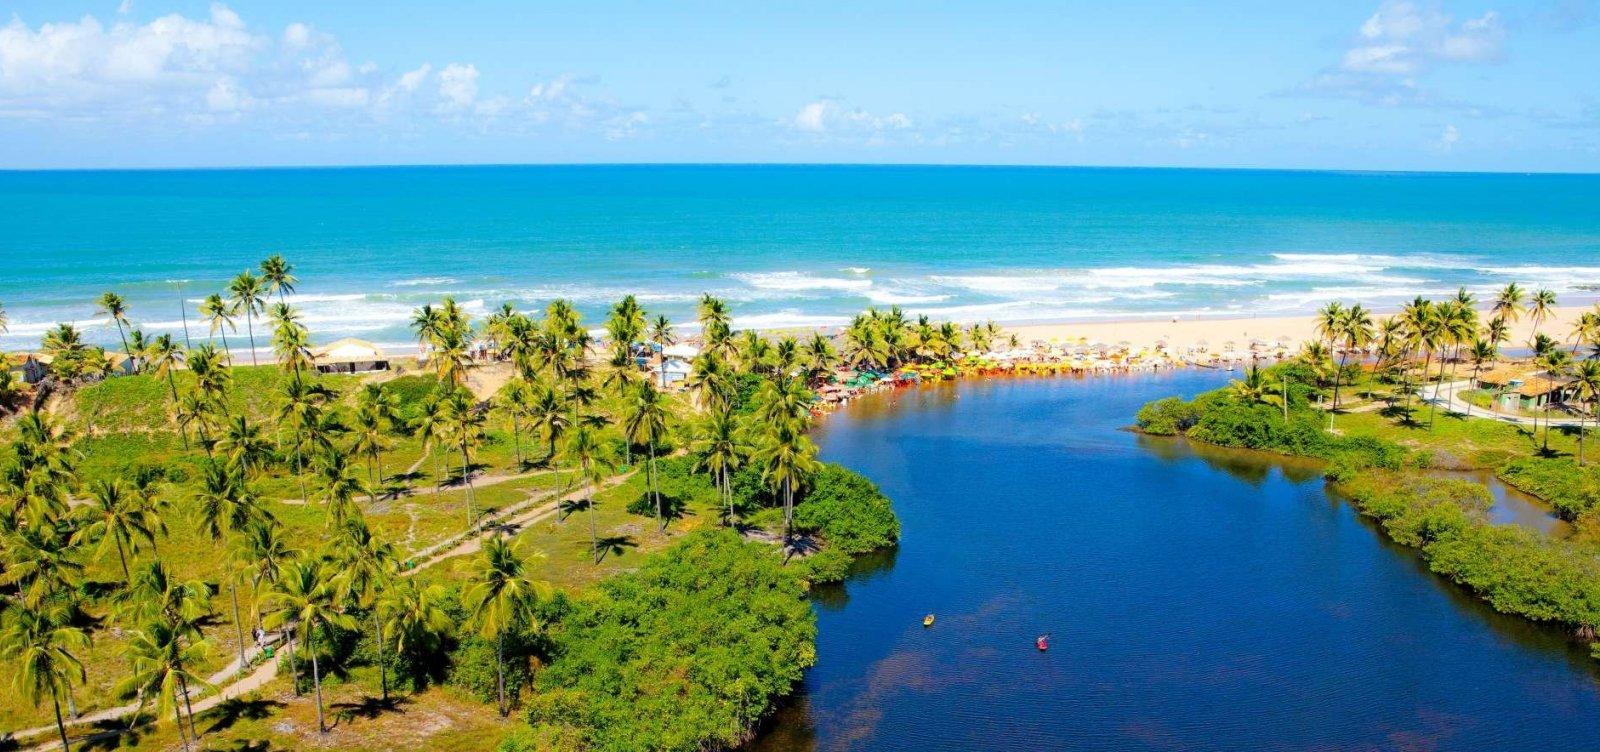 Governo da Bahia divulga resultado de licitação de Centro de Atendimento ao Turista em Imbassaí